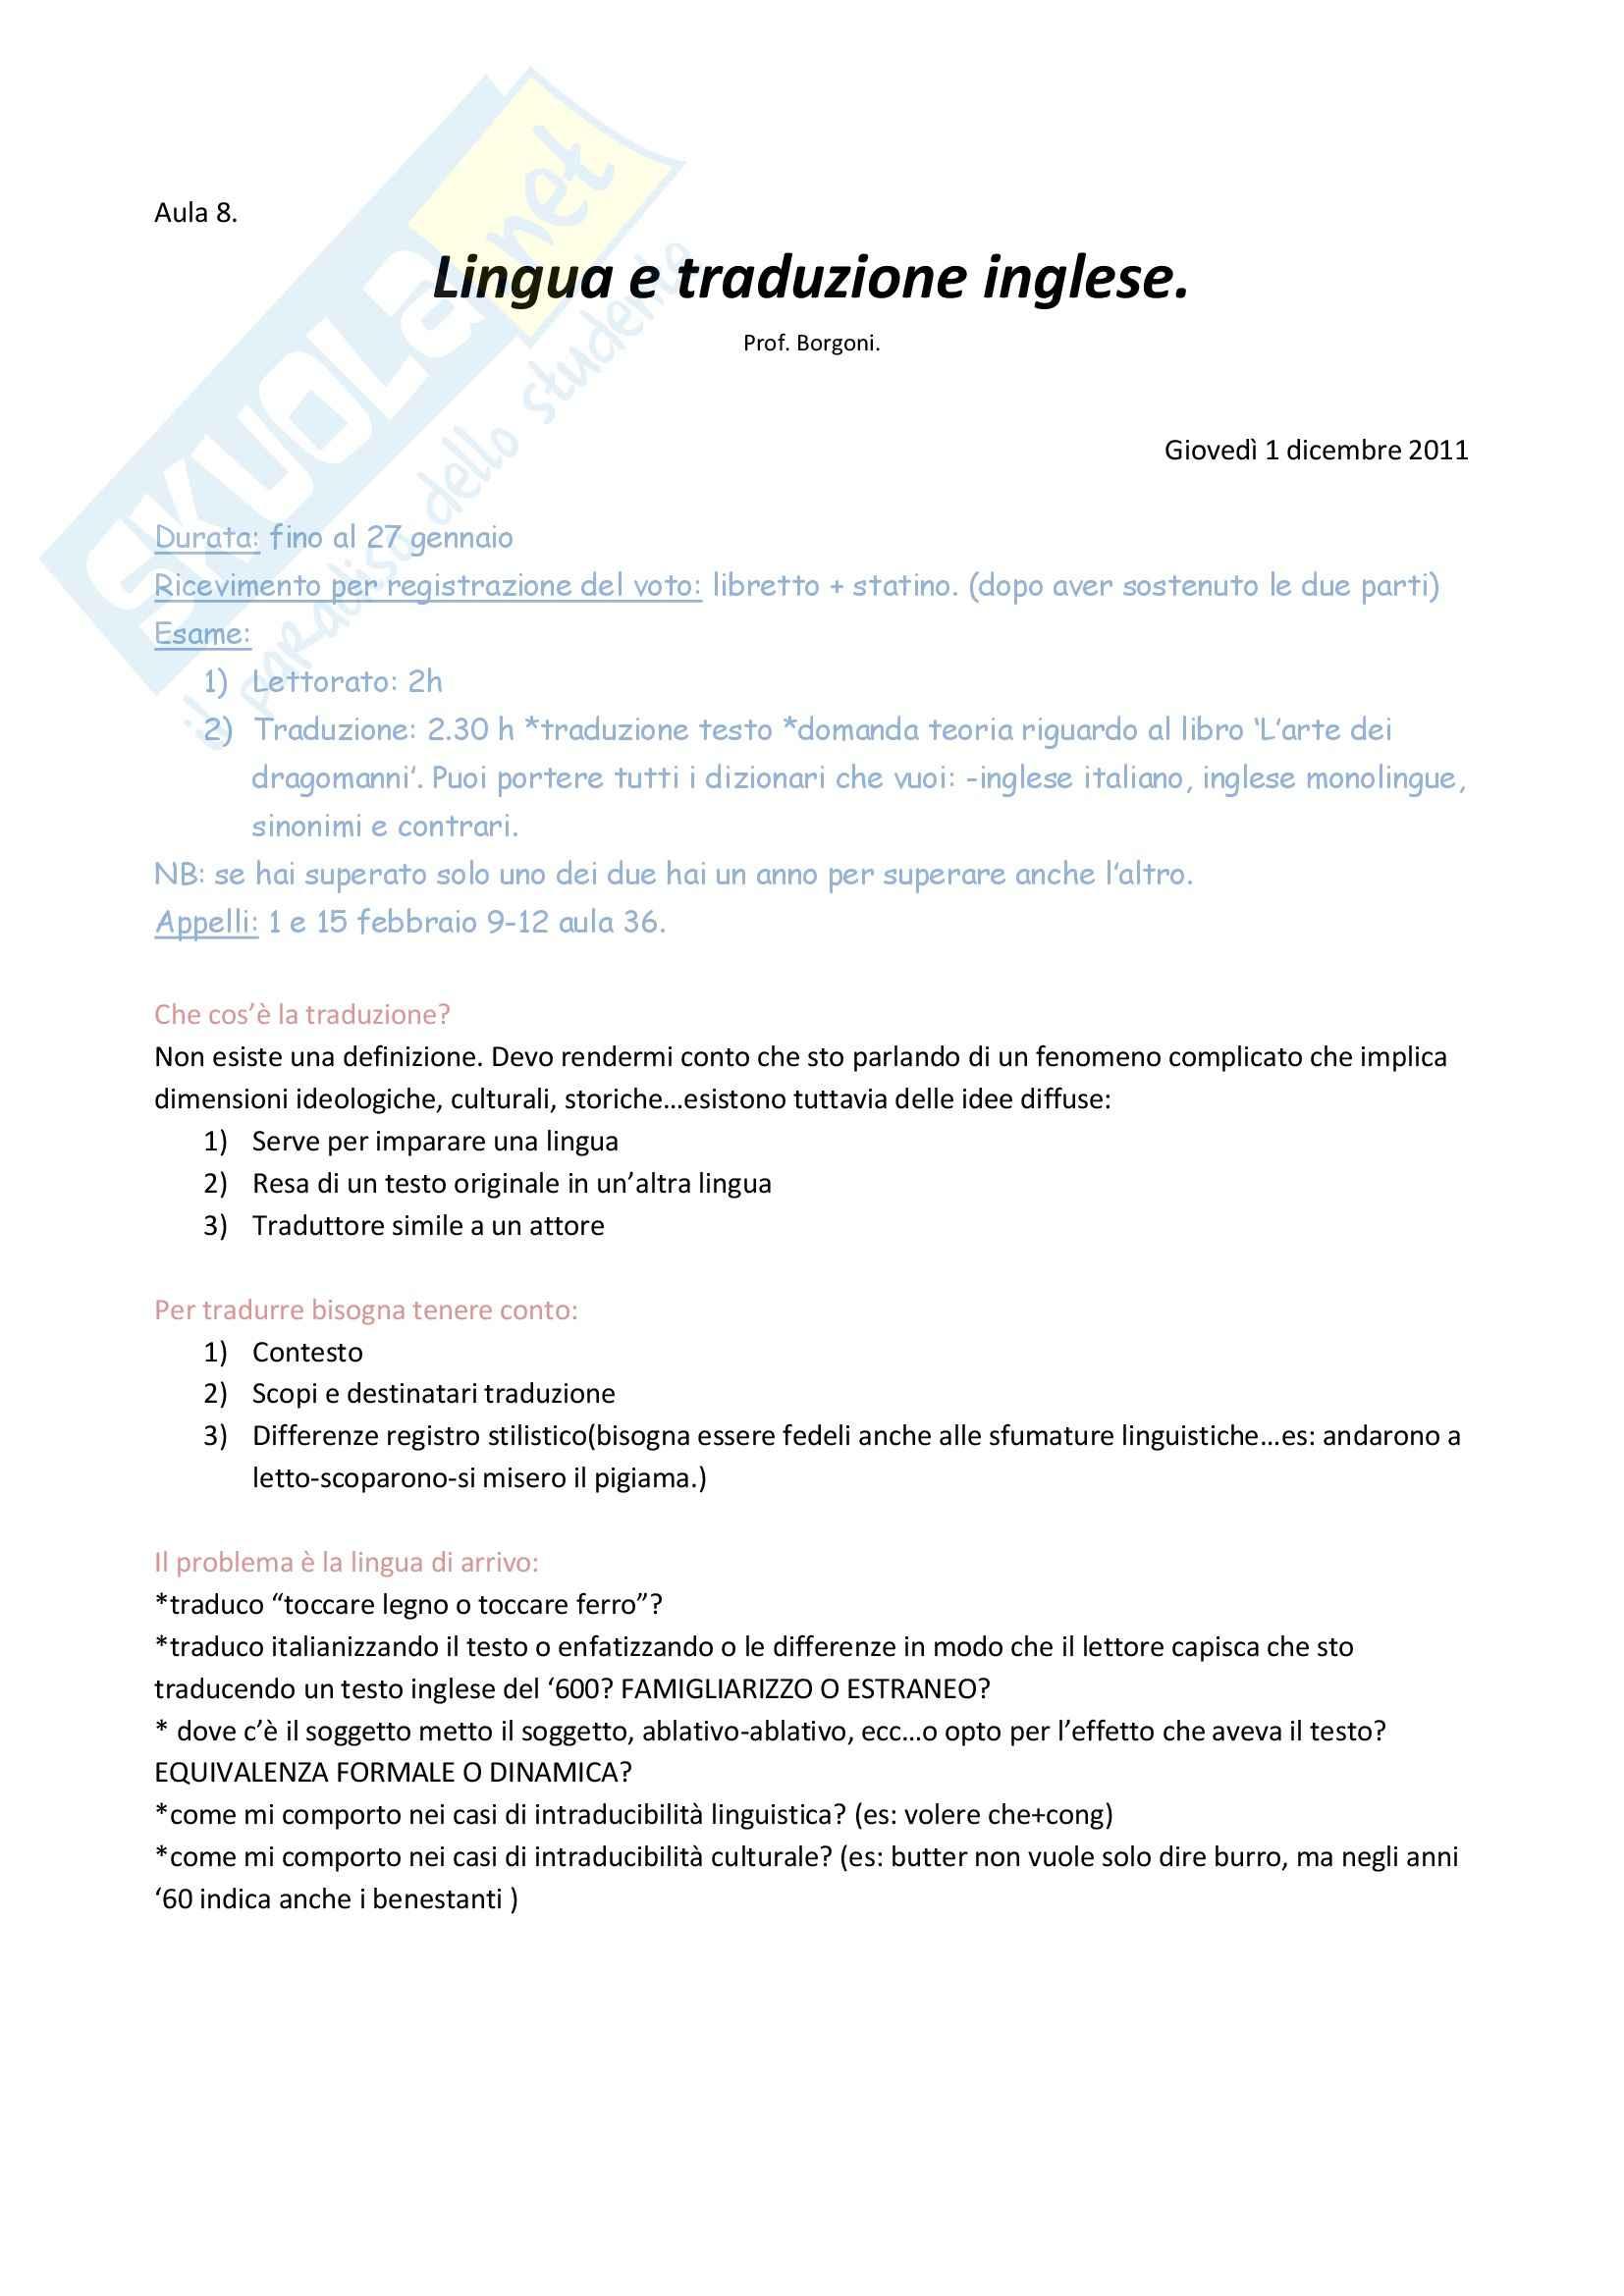 Lezioni, Lingua e traduzione inglese